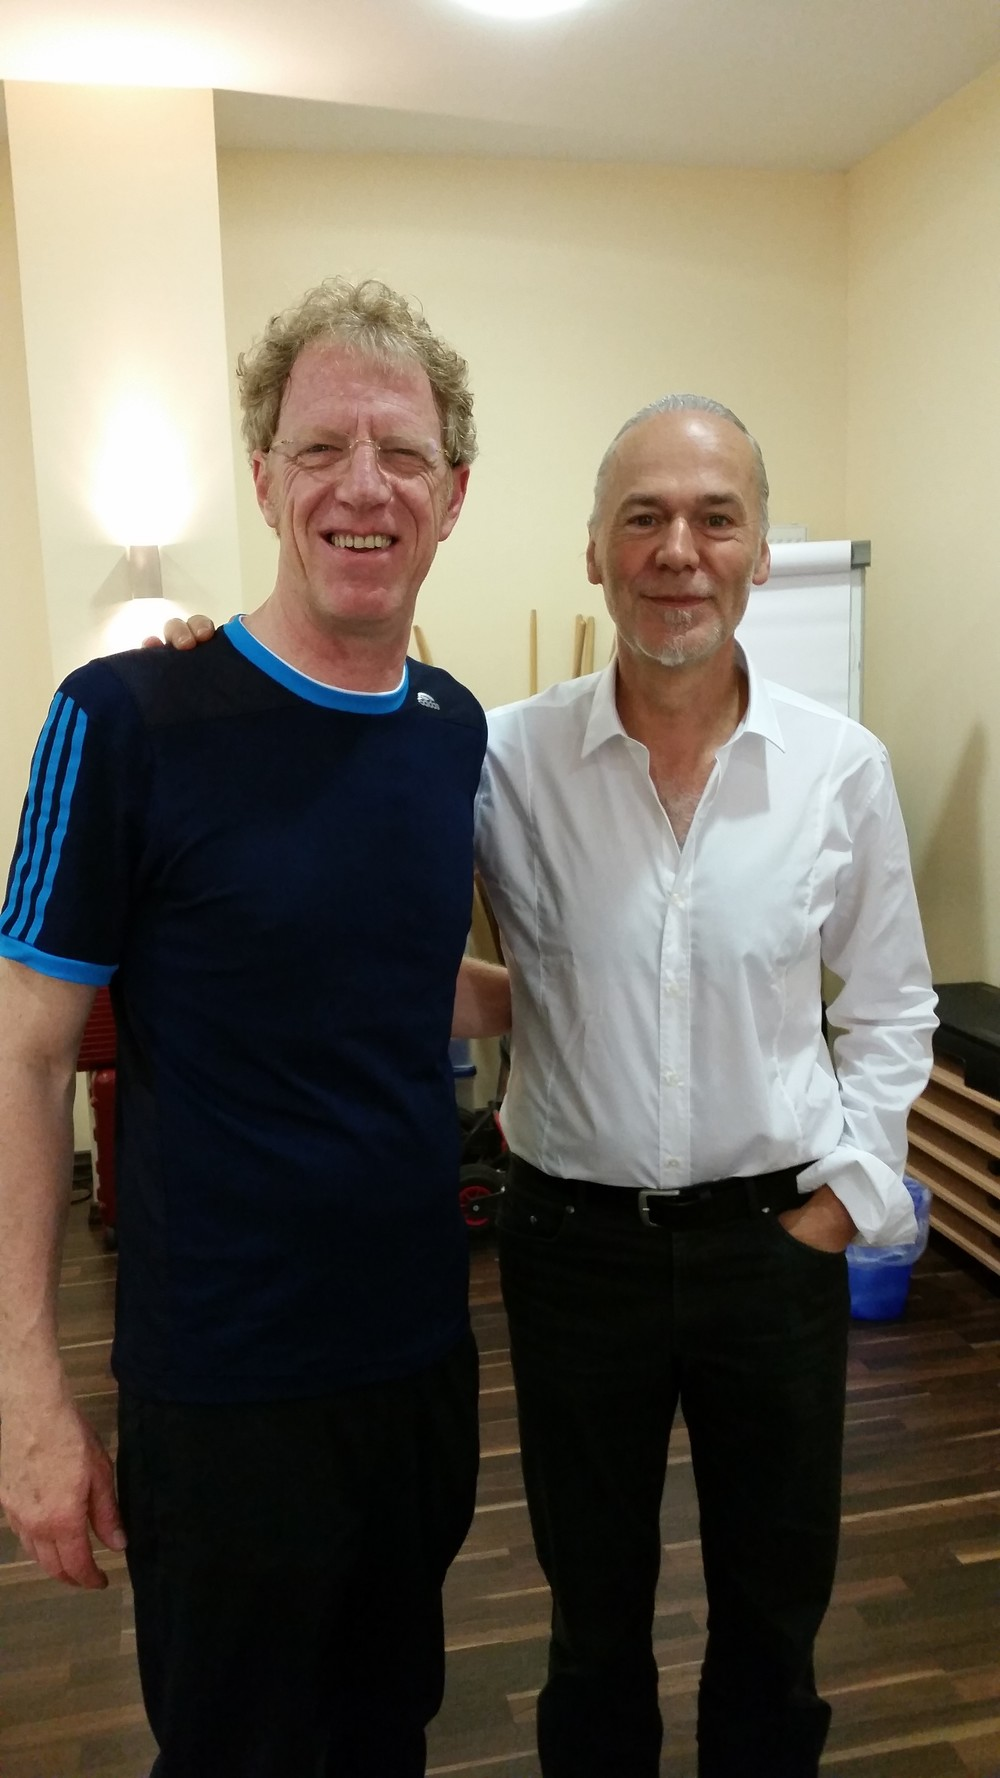 Dr. Robert Schleip, rechts, bei der Fortbildung im Fortbildungszentrum Hagen.